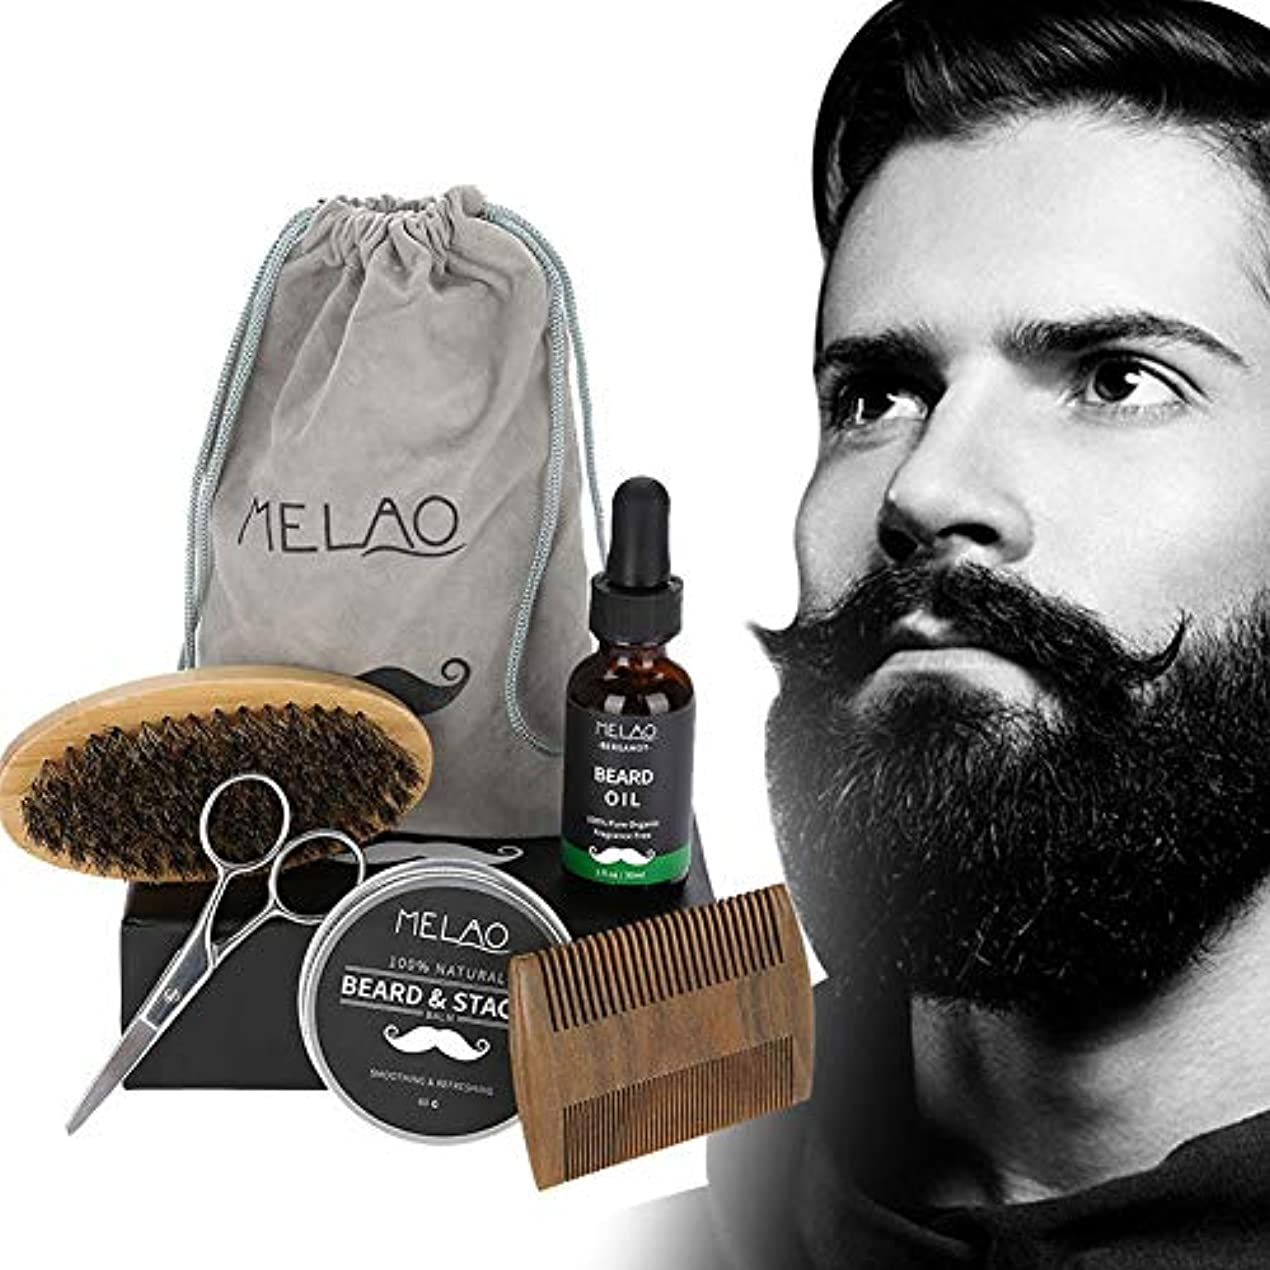 三角形アルプス簡略化するビアードケアセット、髭ケア必需品 メンズひげクリーム シェービングトリートメント 保湿/滋養/ 携帯便利 最高の贈り物